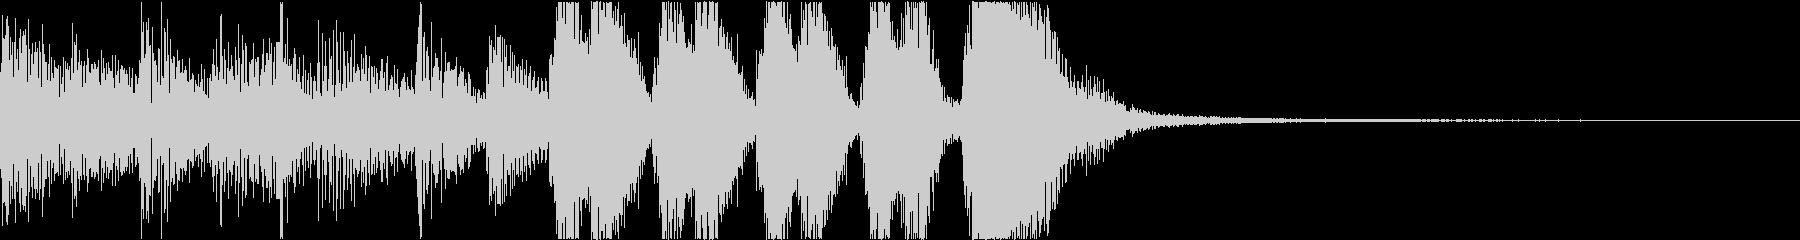 大人、都会的なイメージのファンクジングルの未再生の波形